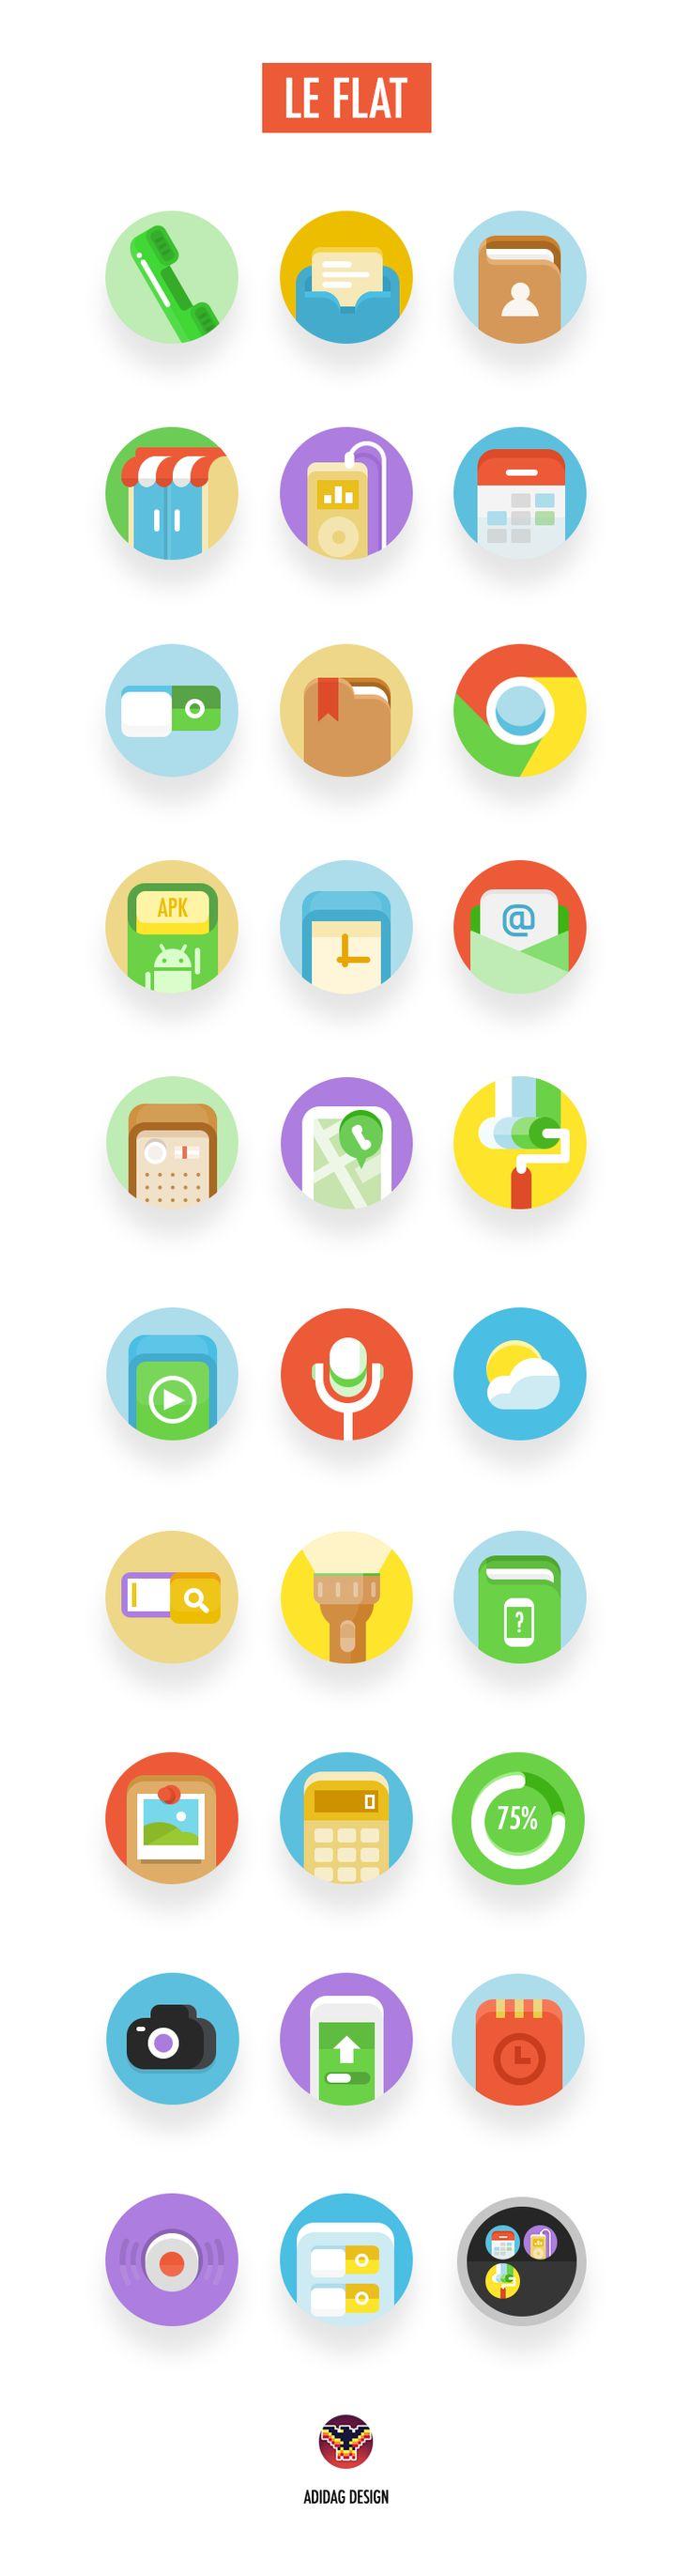 Flat Icons / Flat Design / Icons / LEFLAT for lenovo by ADIDAG